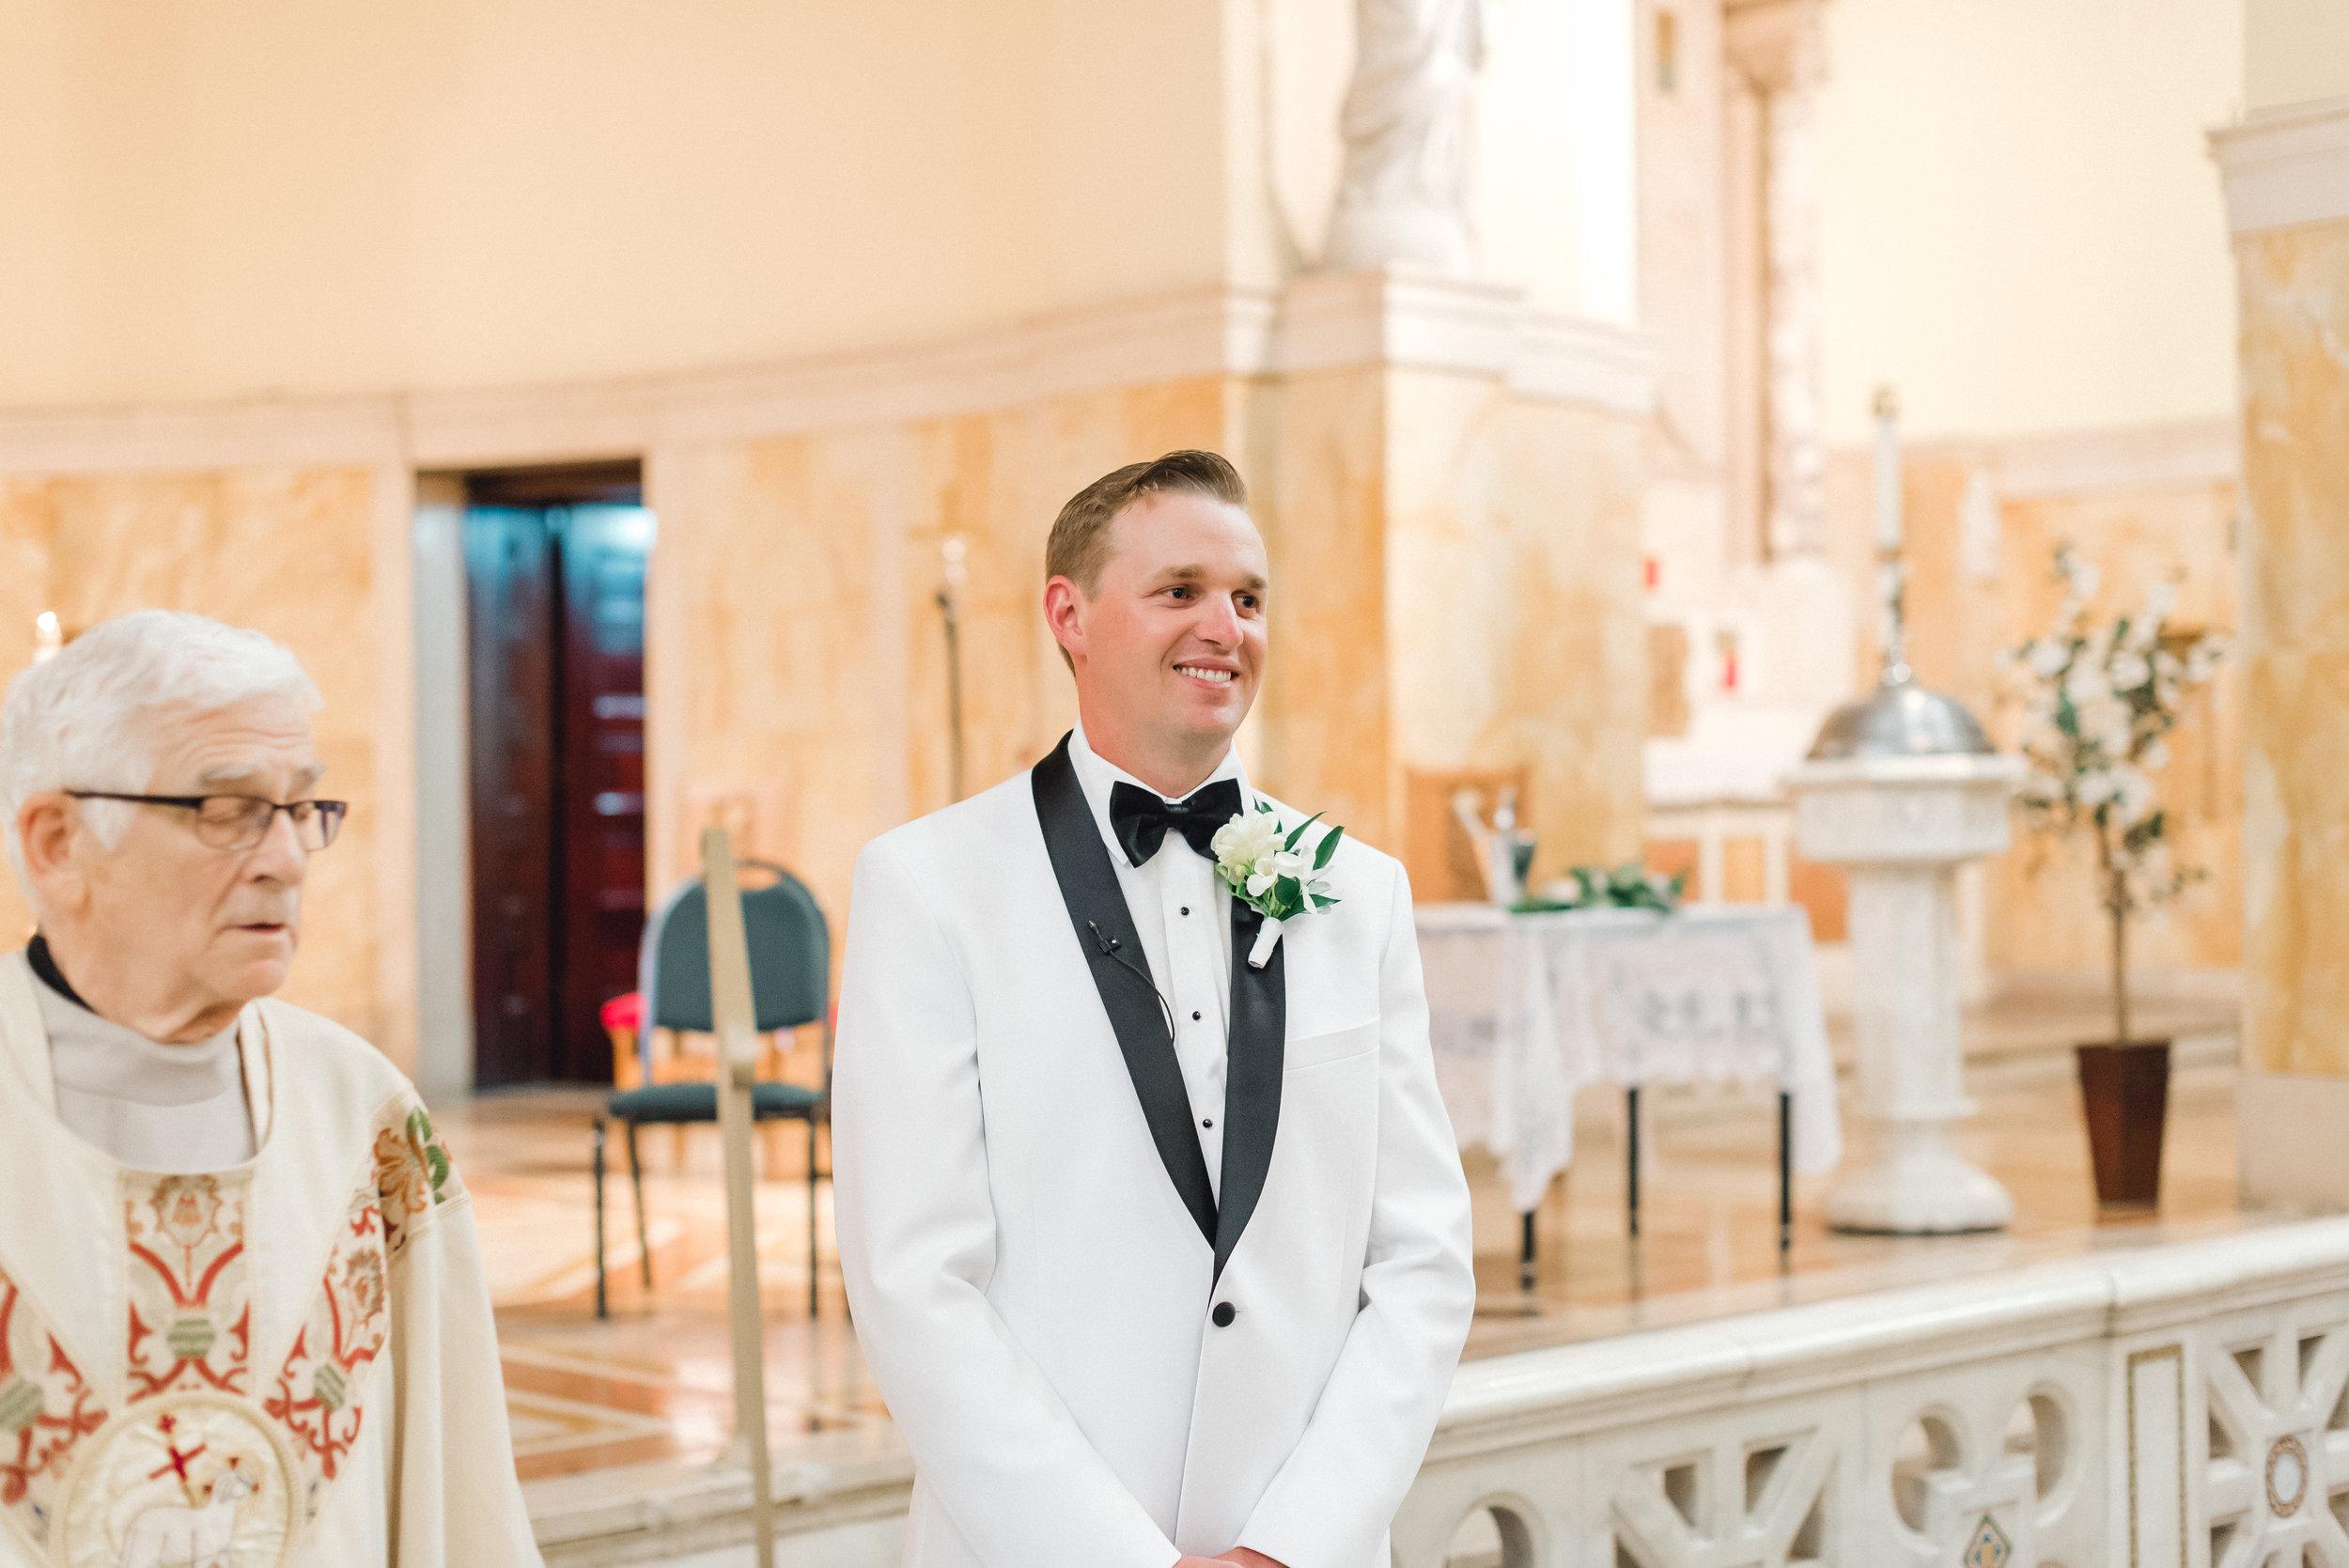 omni-william-penn-wedding-classic-chic-modern-photography-0016.jpg